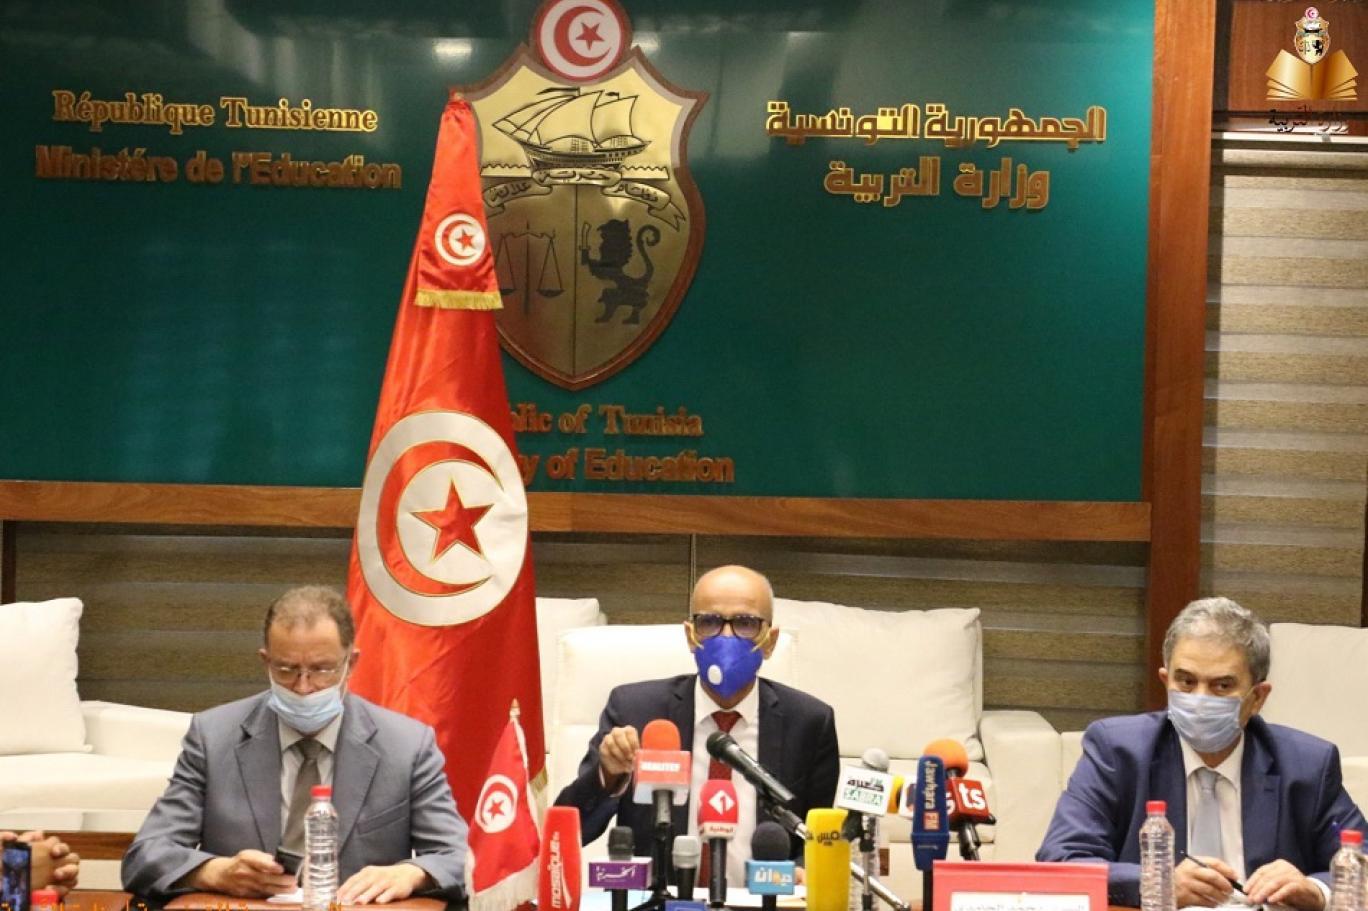 وزير التربية التونسي محمد الحامدي خلال مؤتمره الصحافي في 19 أغسطس الحالي (صفحة وزارة التربية التونسية على فيسبوك).jpg